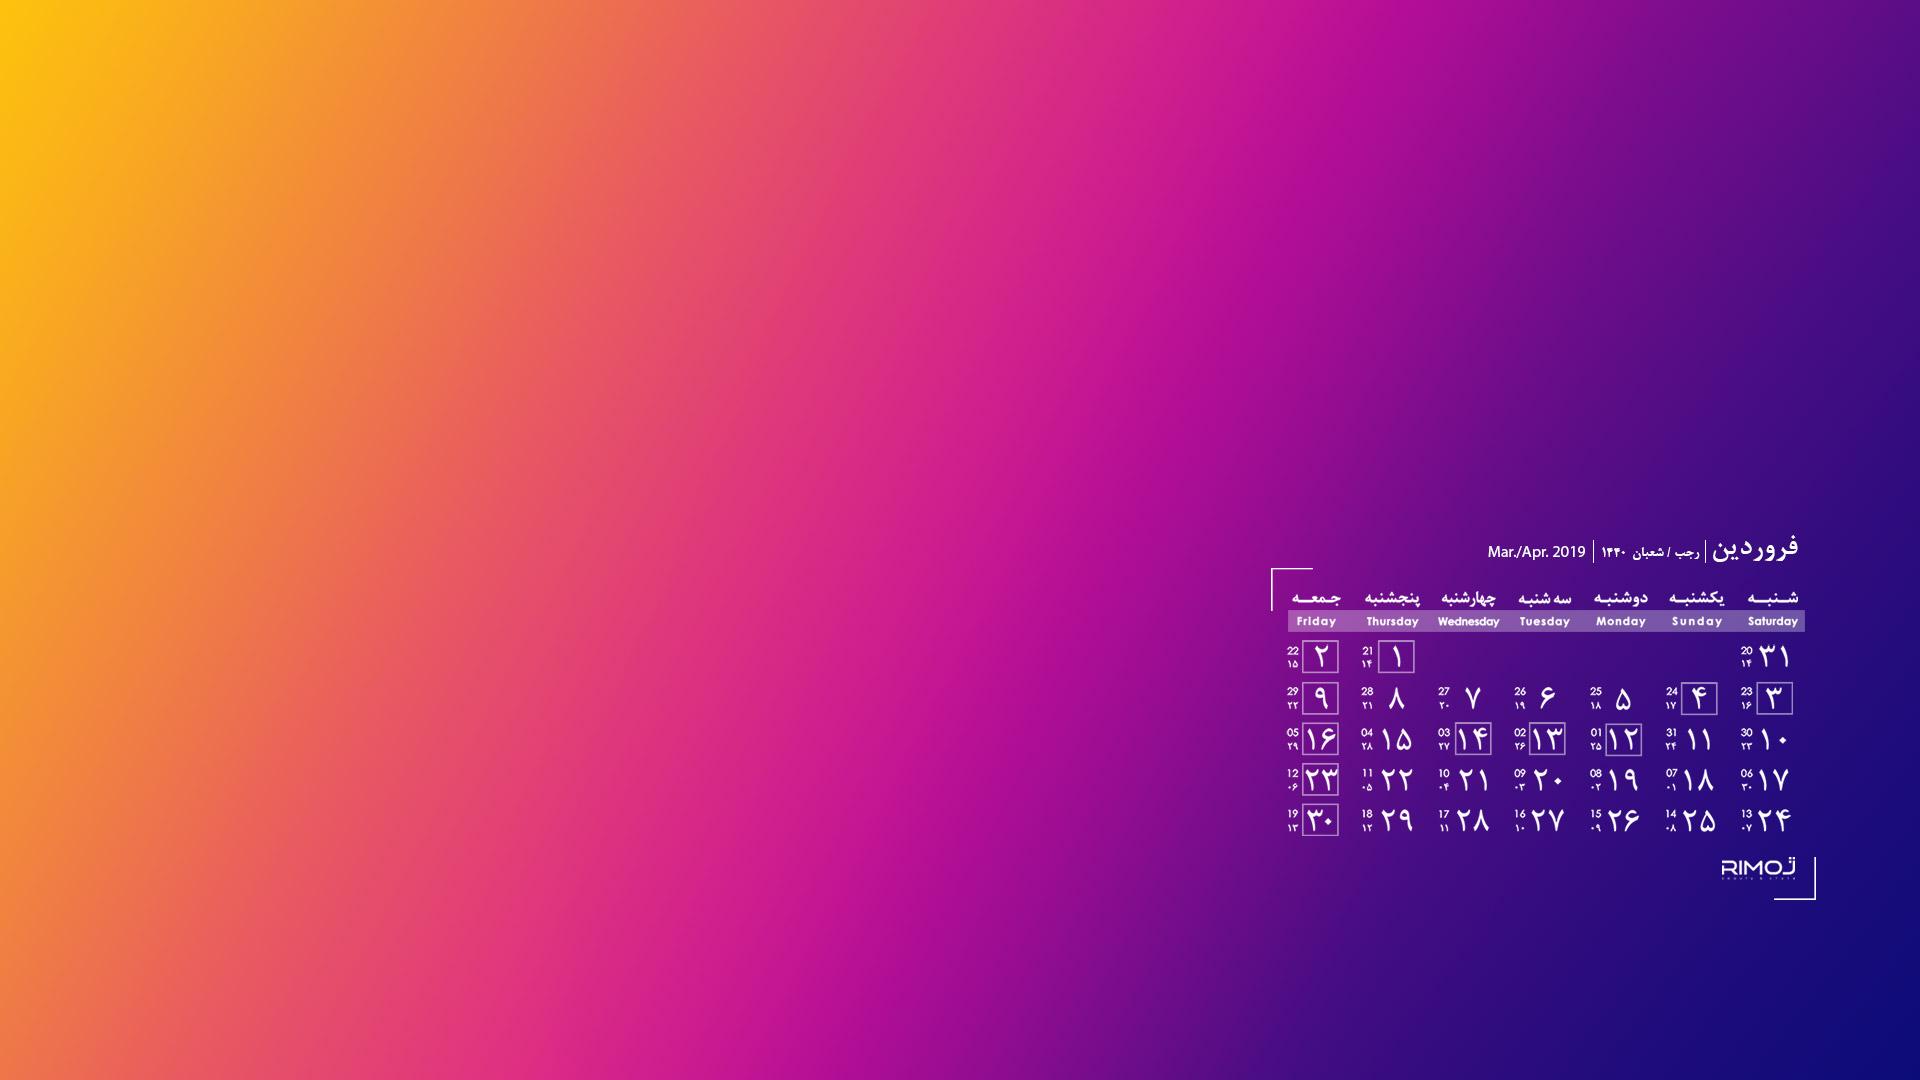 دانلود تقویم ۱۳۹۸ به صورت تصویر پس زمینه برای کامپیوتر